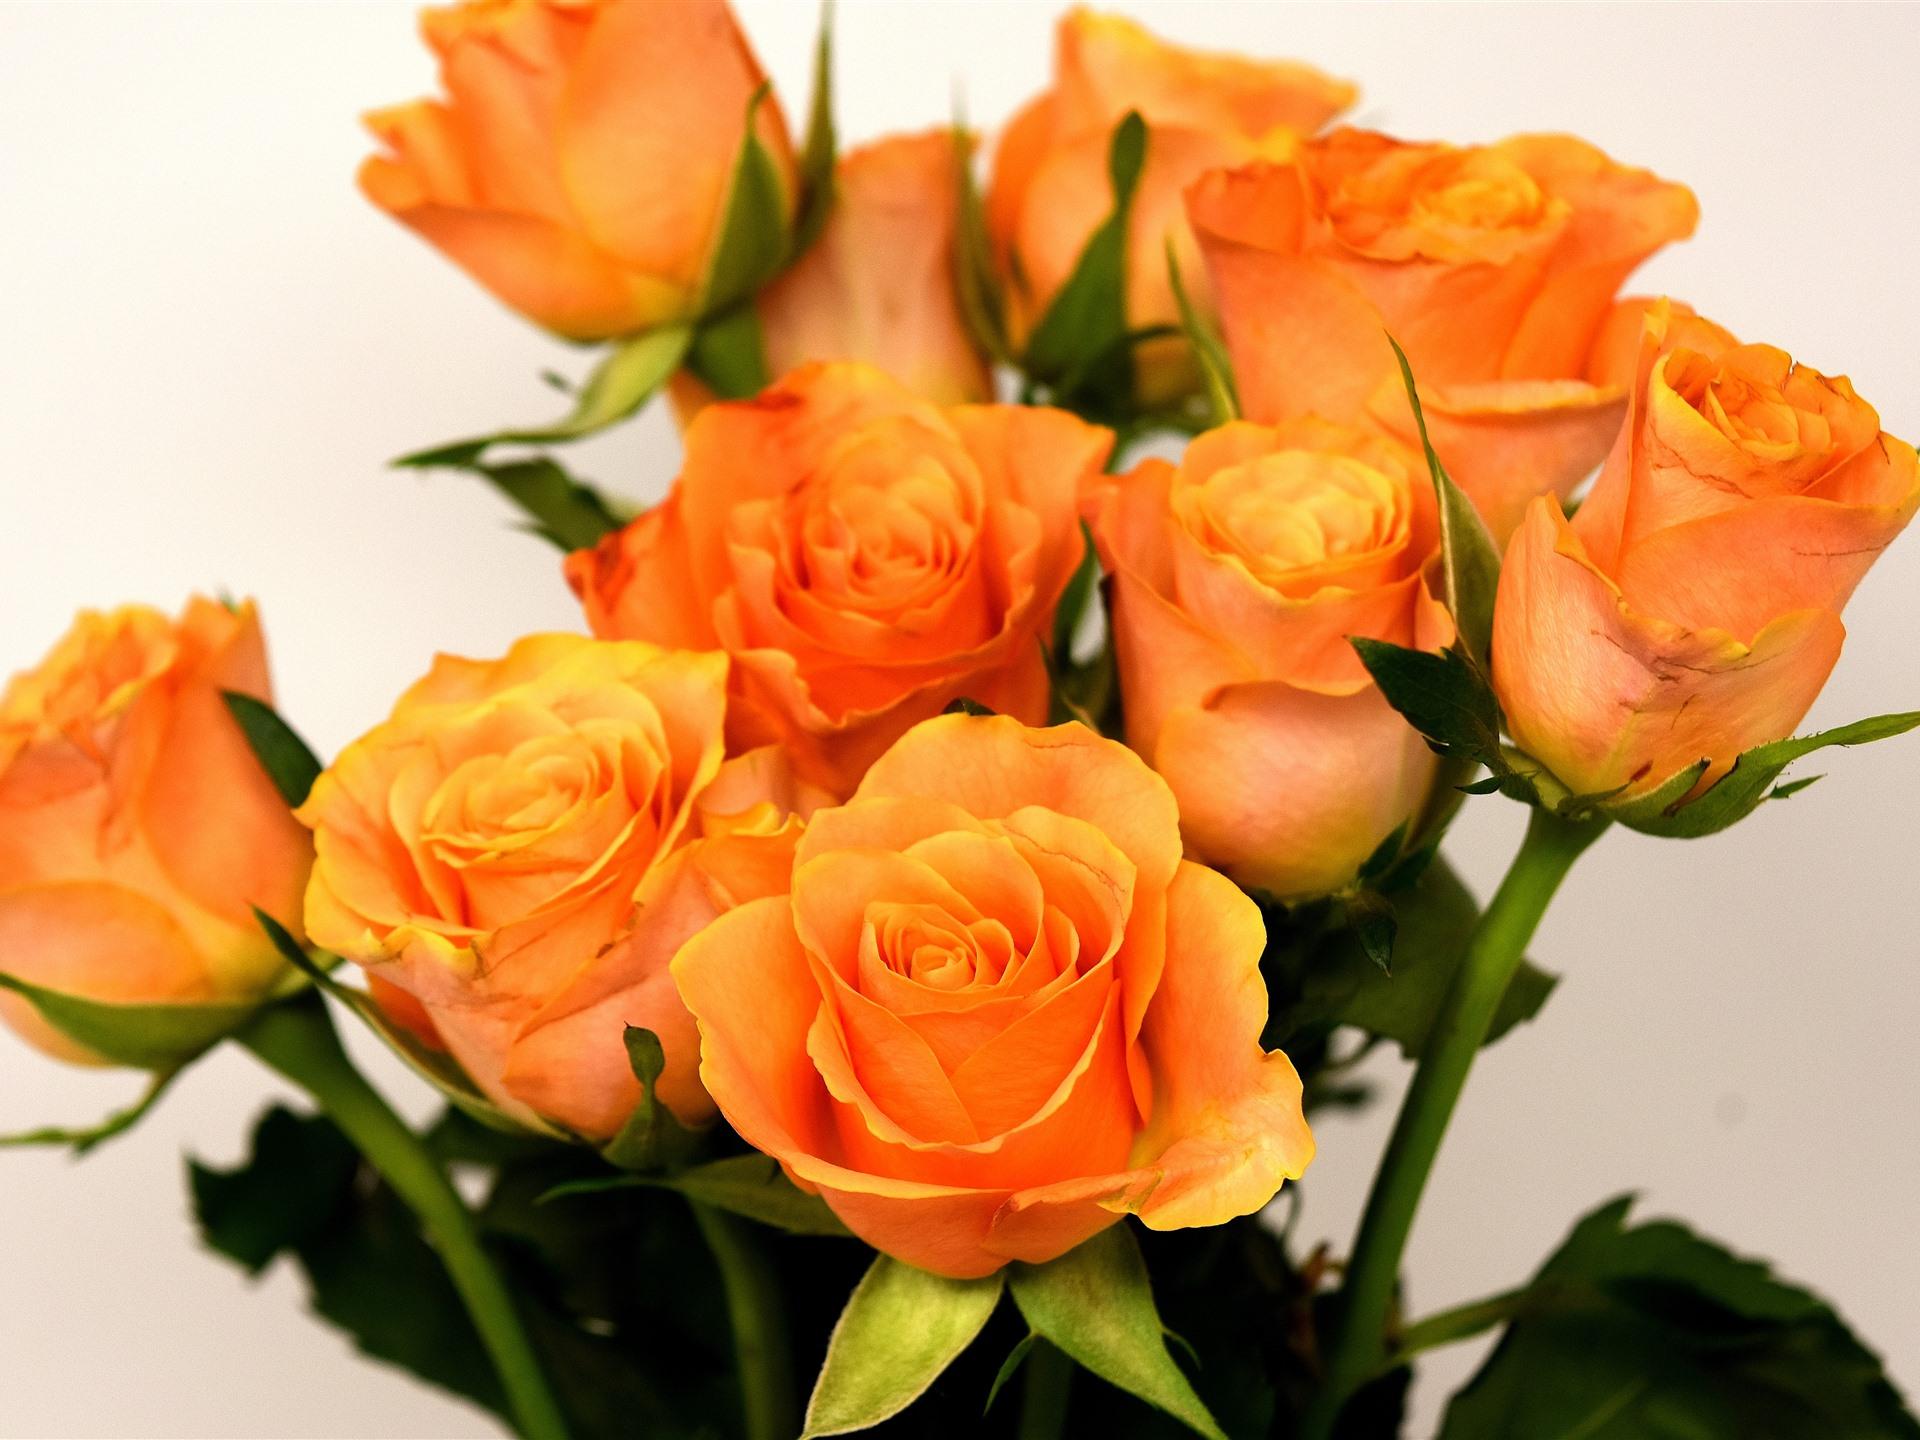 розово оранжевые розы картинка невысоких березок холмов